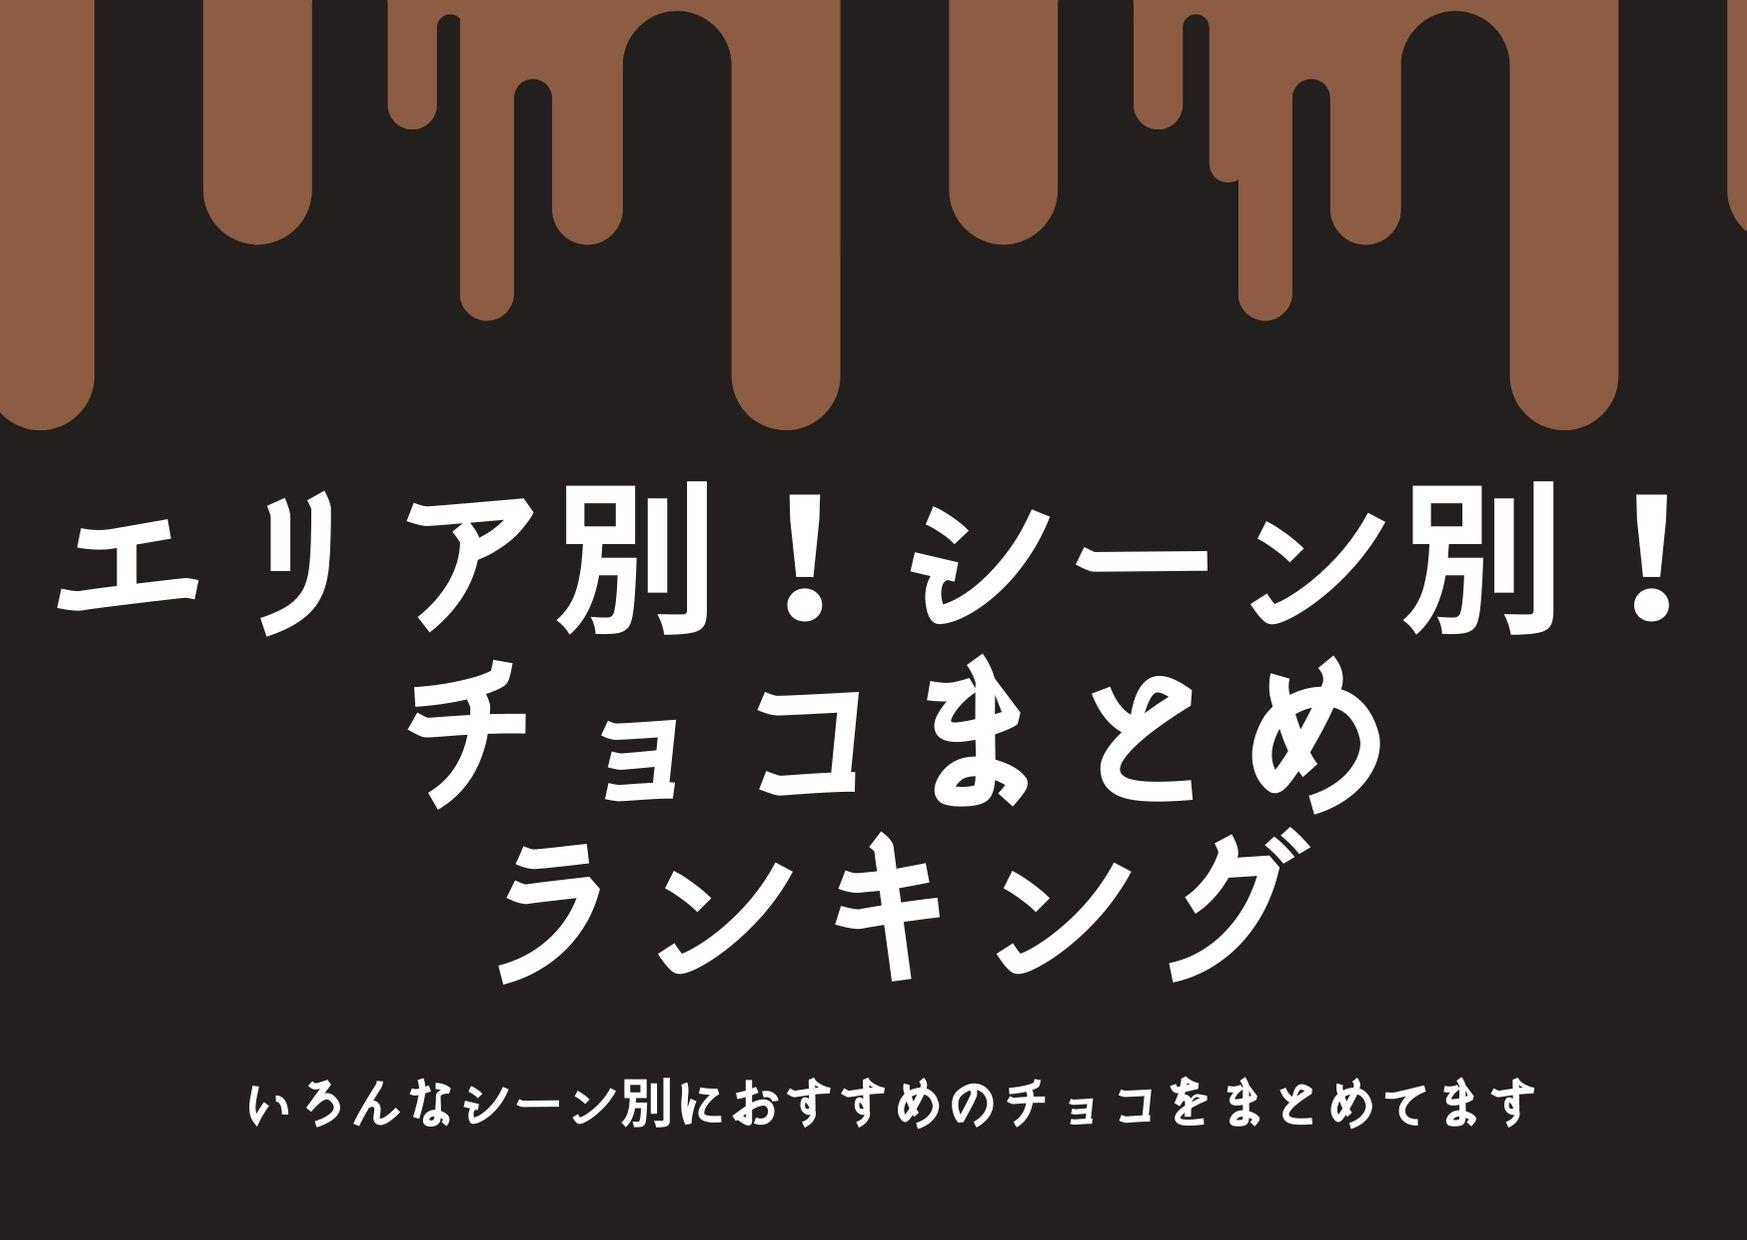 チョコレートまとめ ランキング